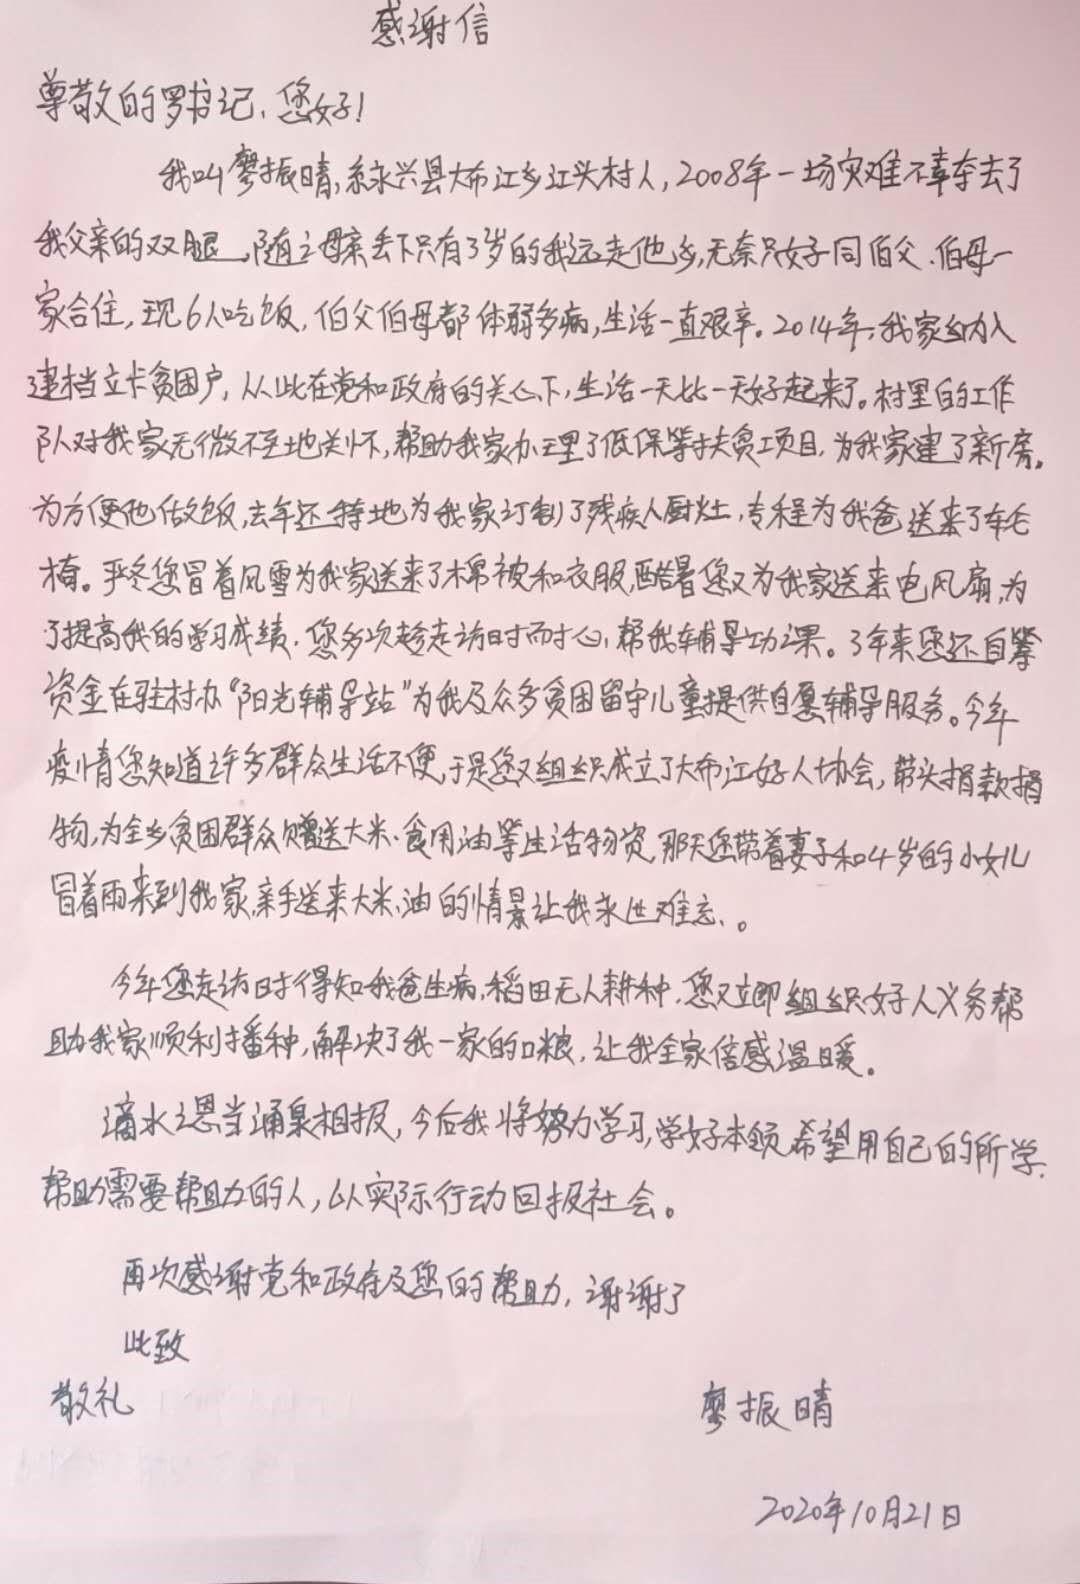 村民写给罗永华的感谢信